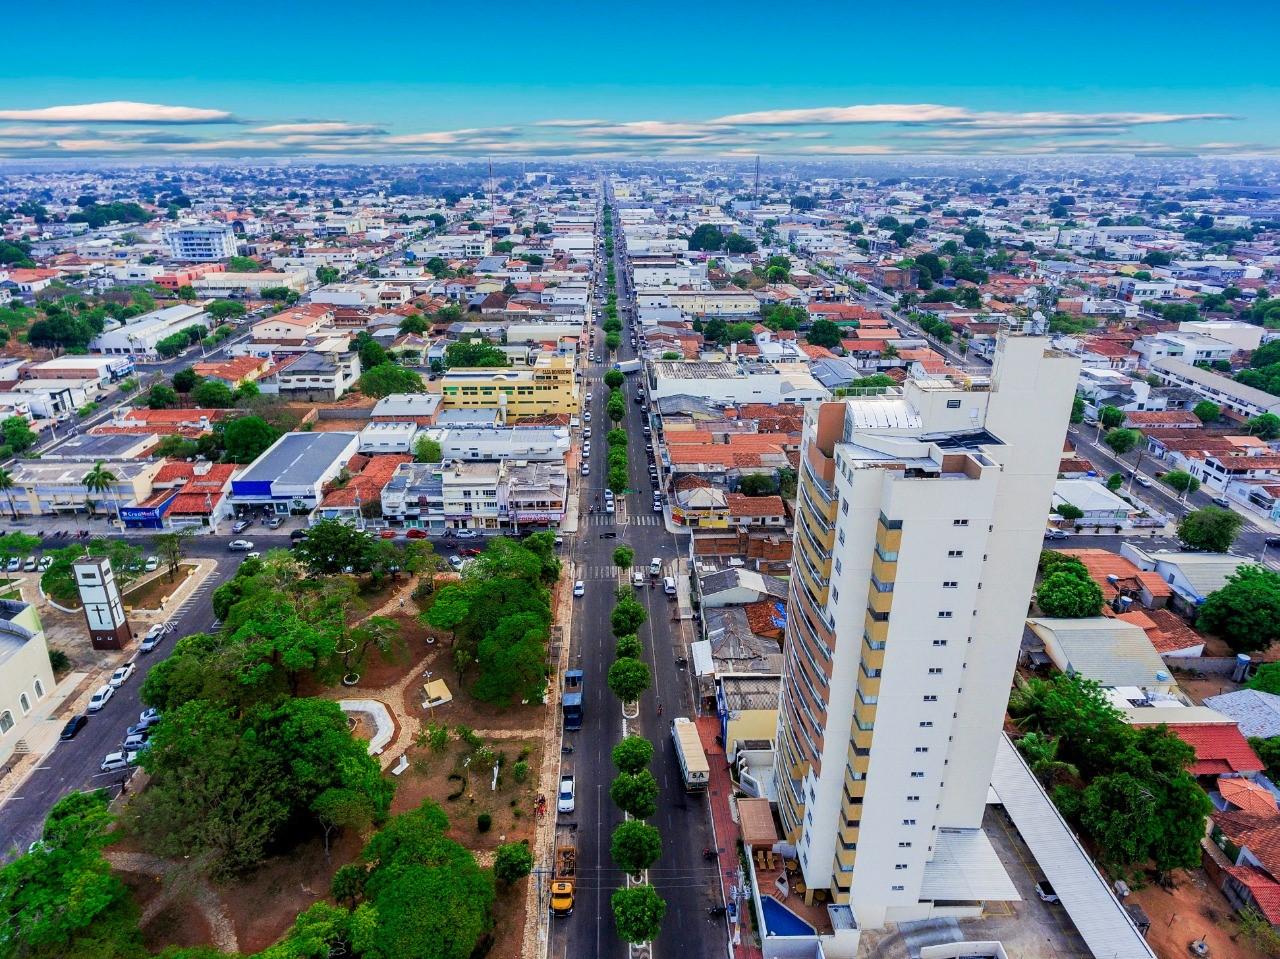 Município de Gurupi tem 180 dias para adotar medidas de acessibilidade nas vias públicas